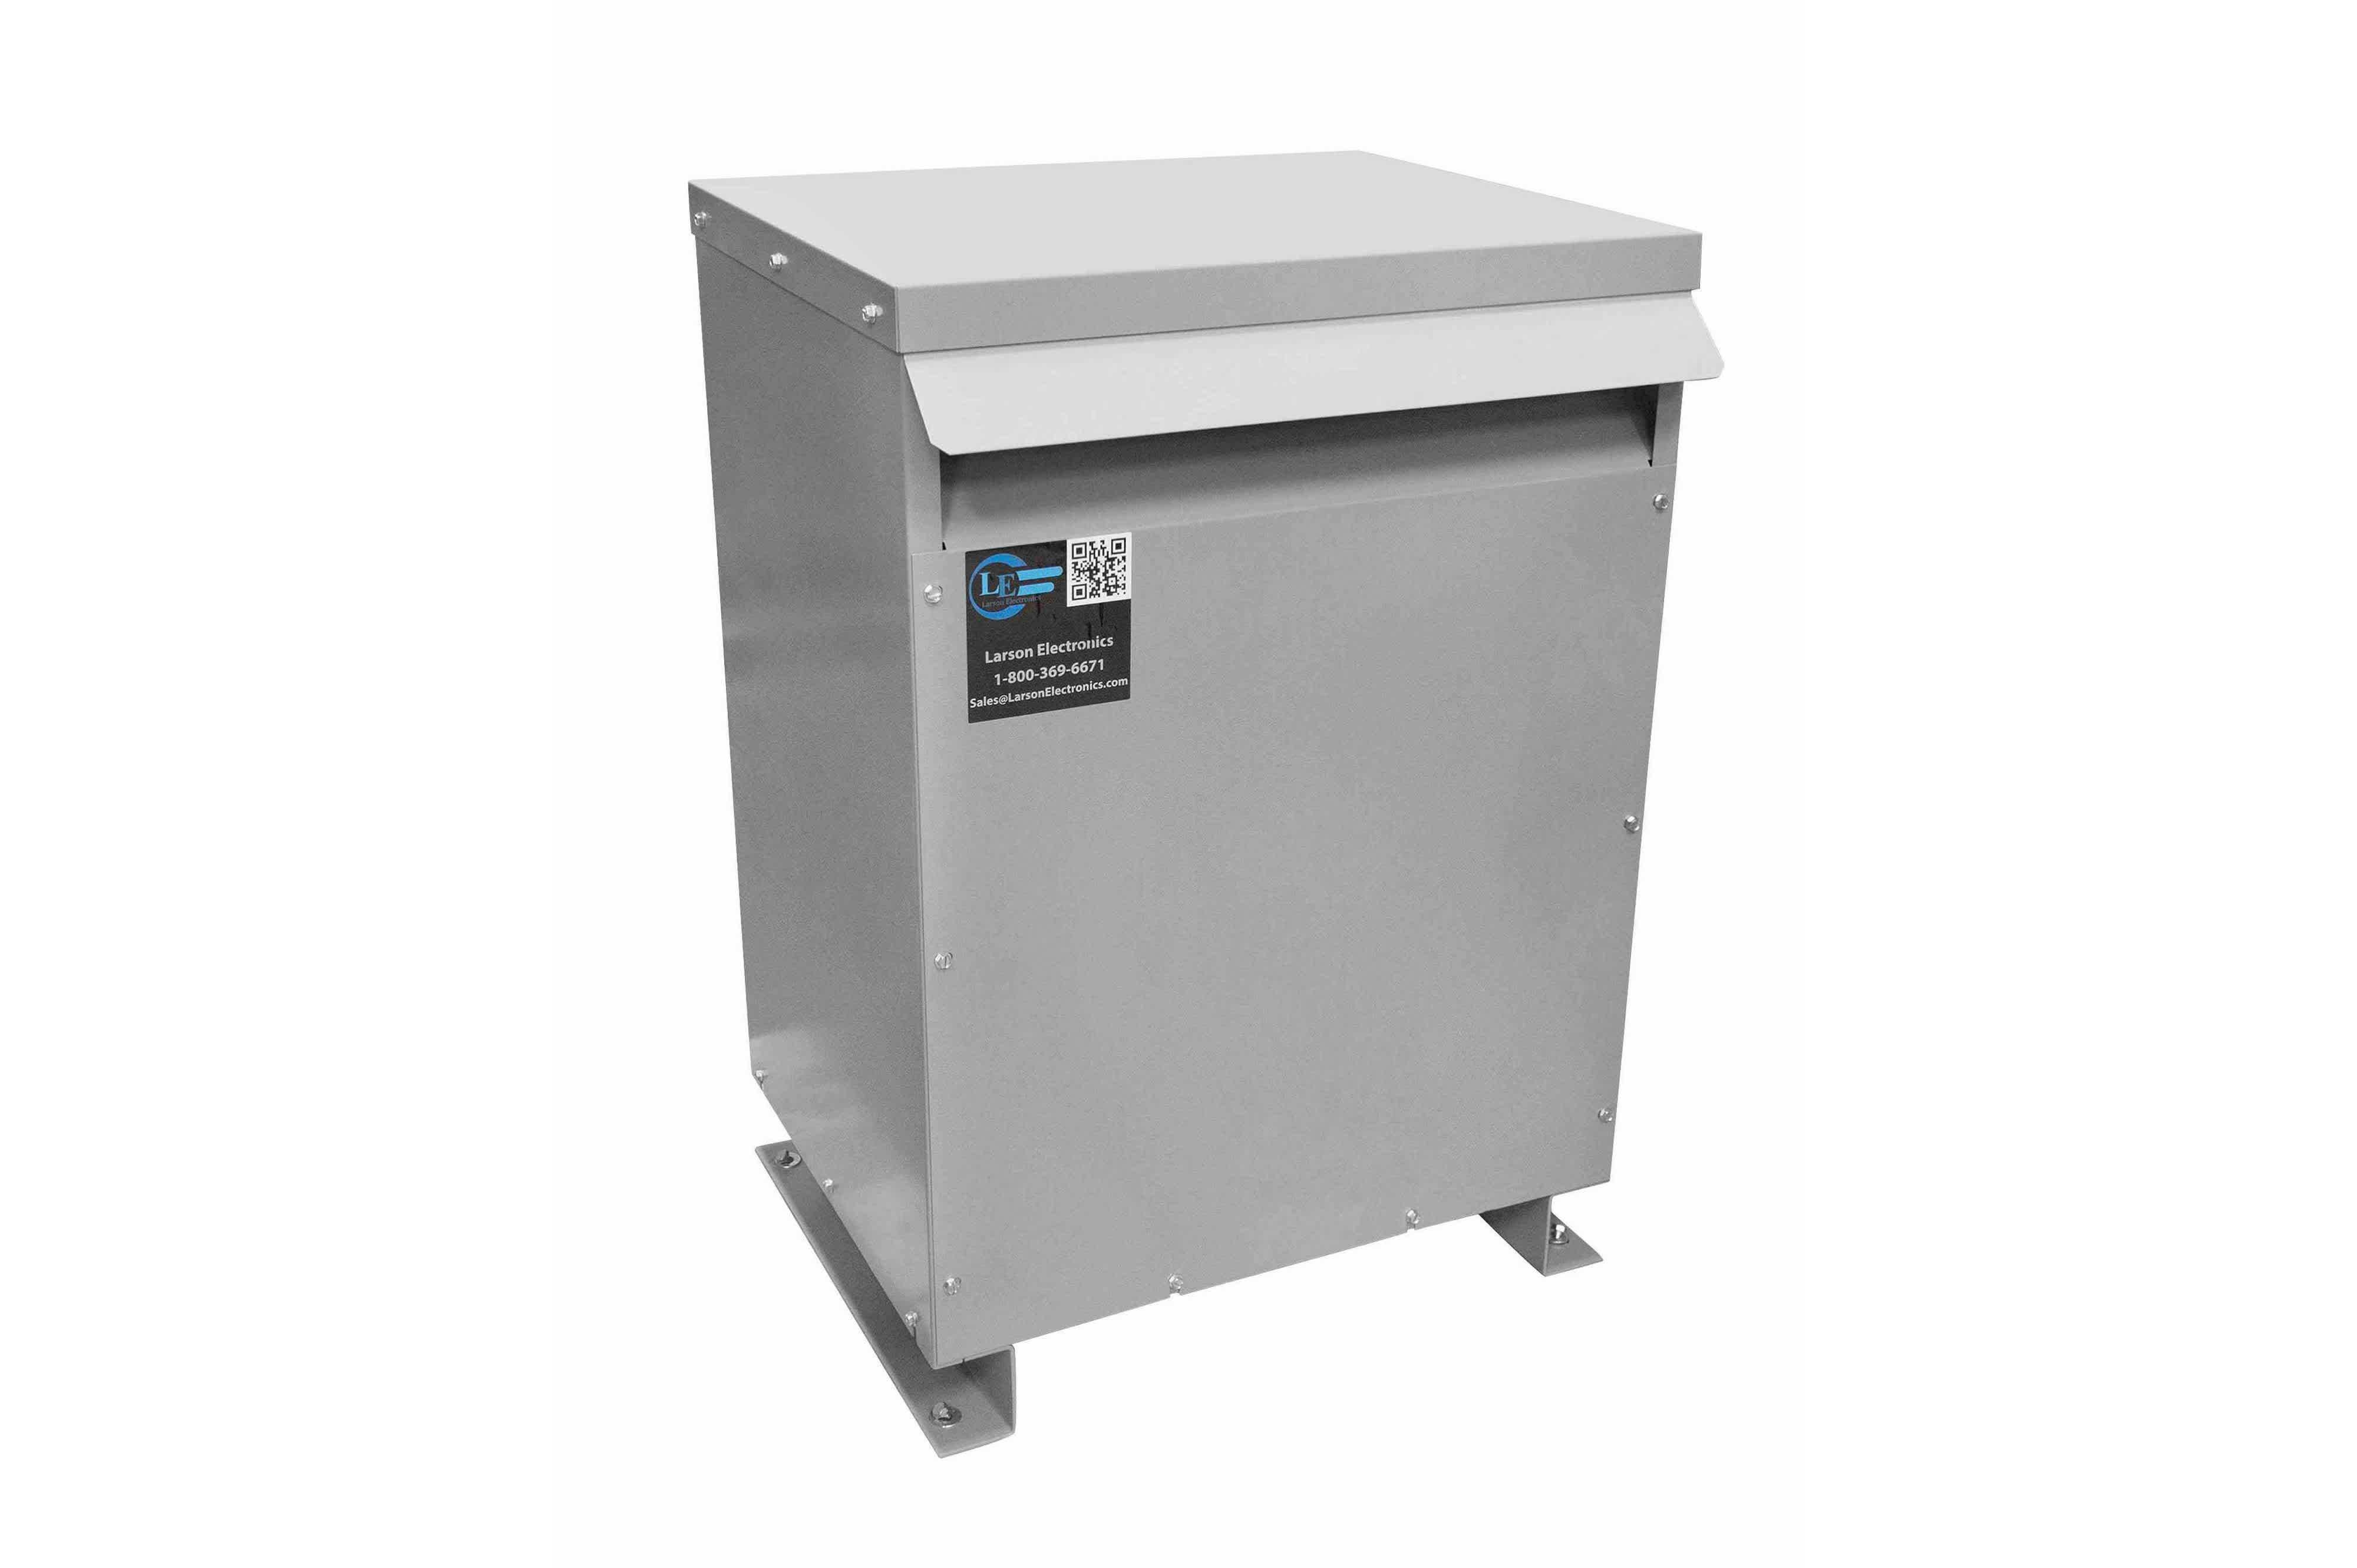 112.5 kVA 3PH Isolation Transformer, 440V Delta Primary, 240 Delta Secondary, N3R, Ventilated, 60 Hz